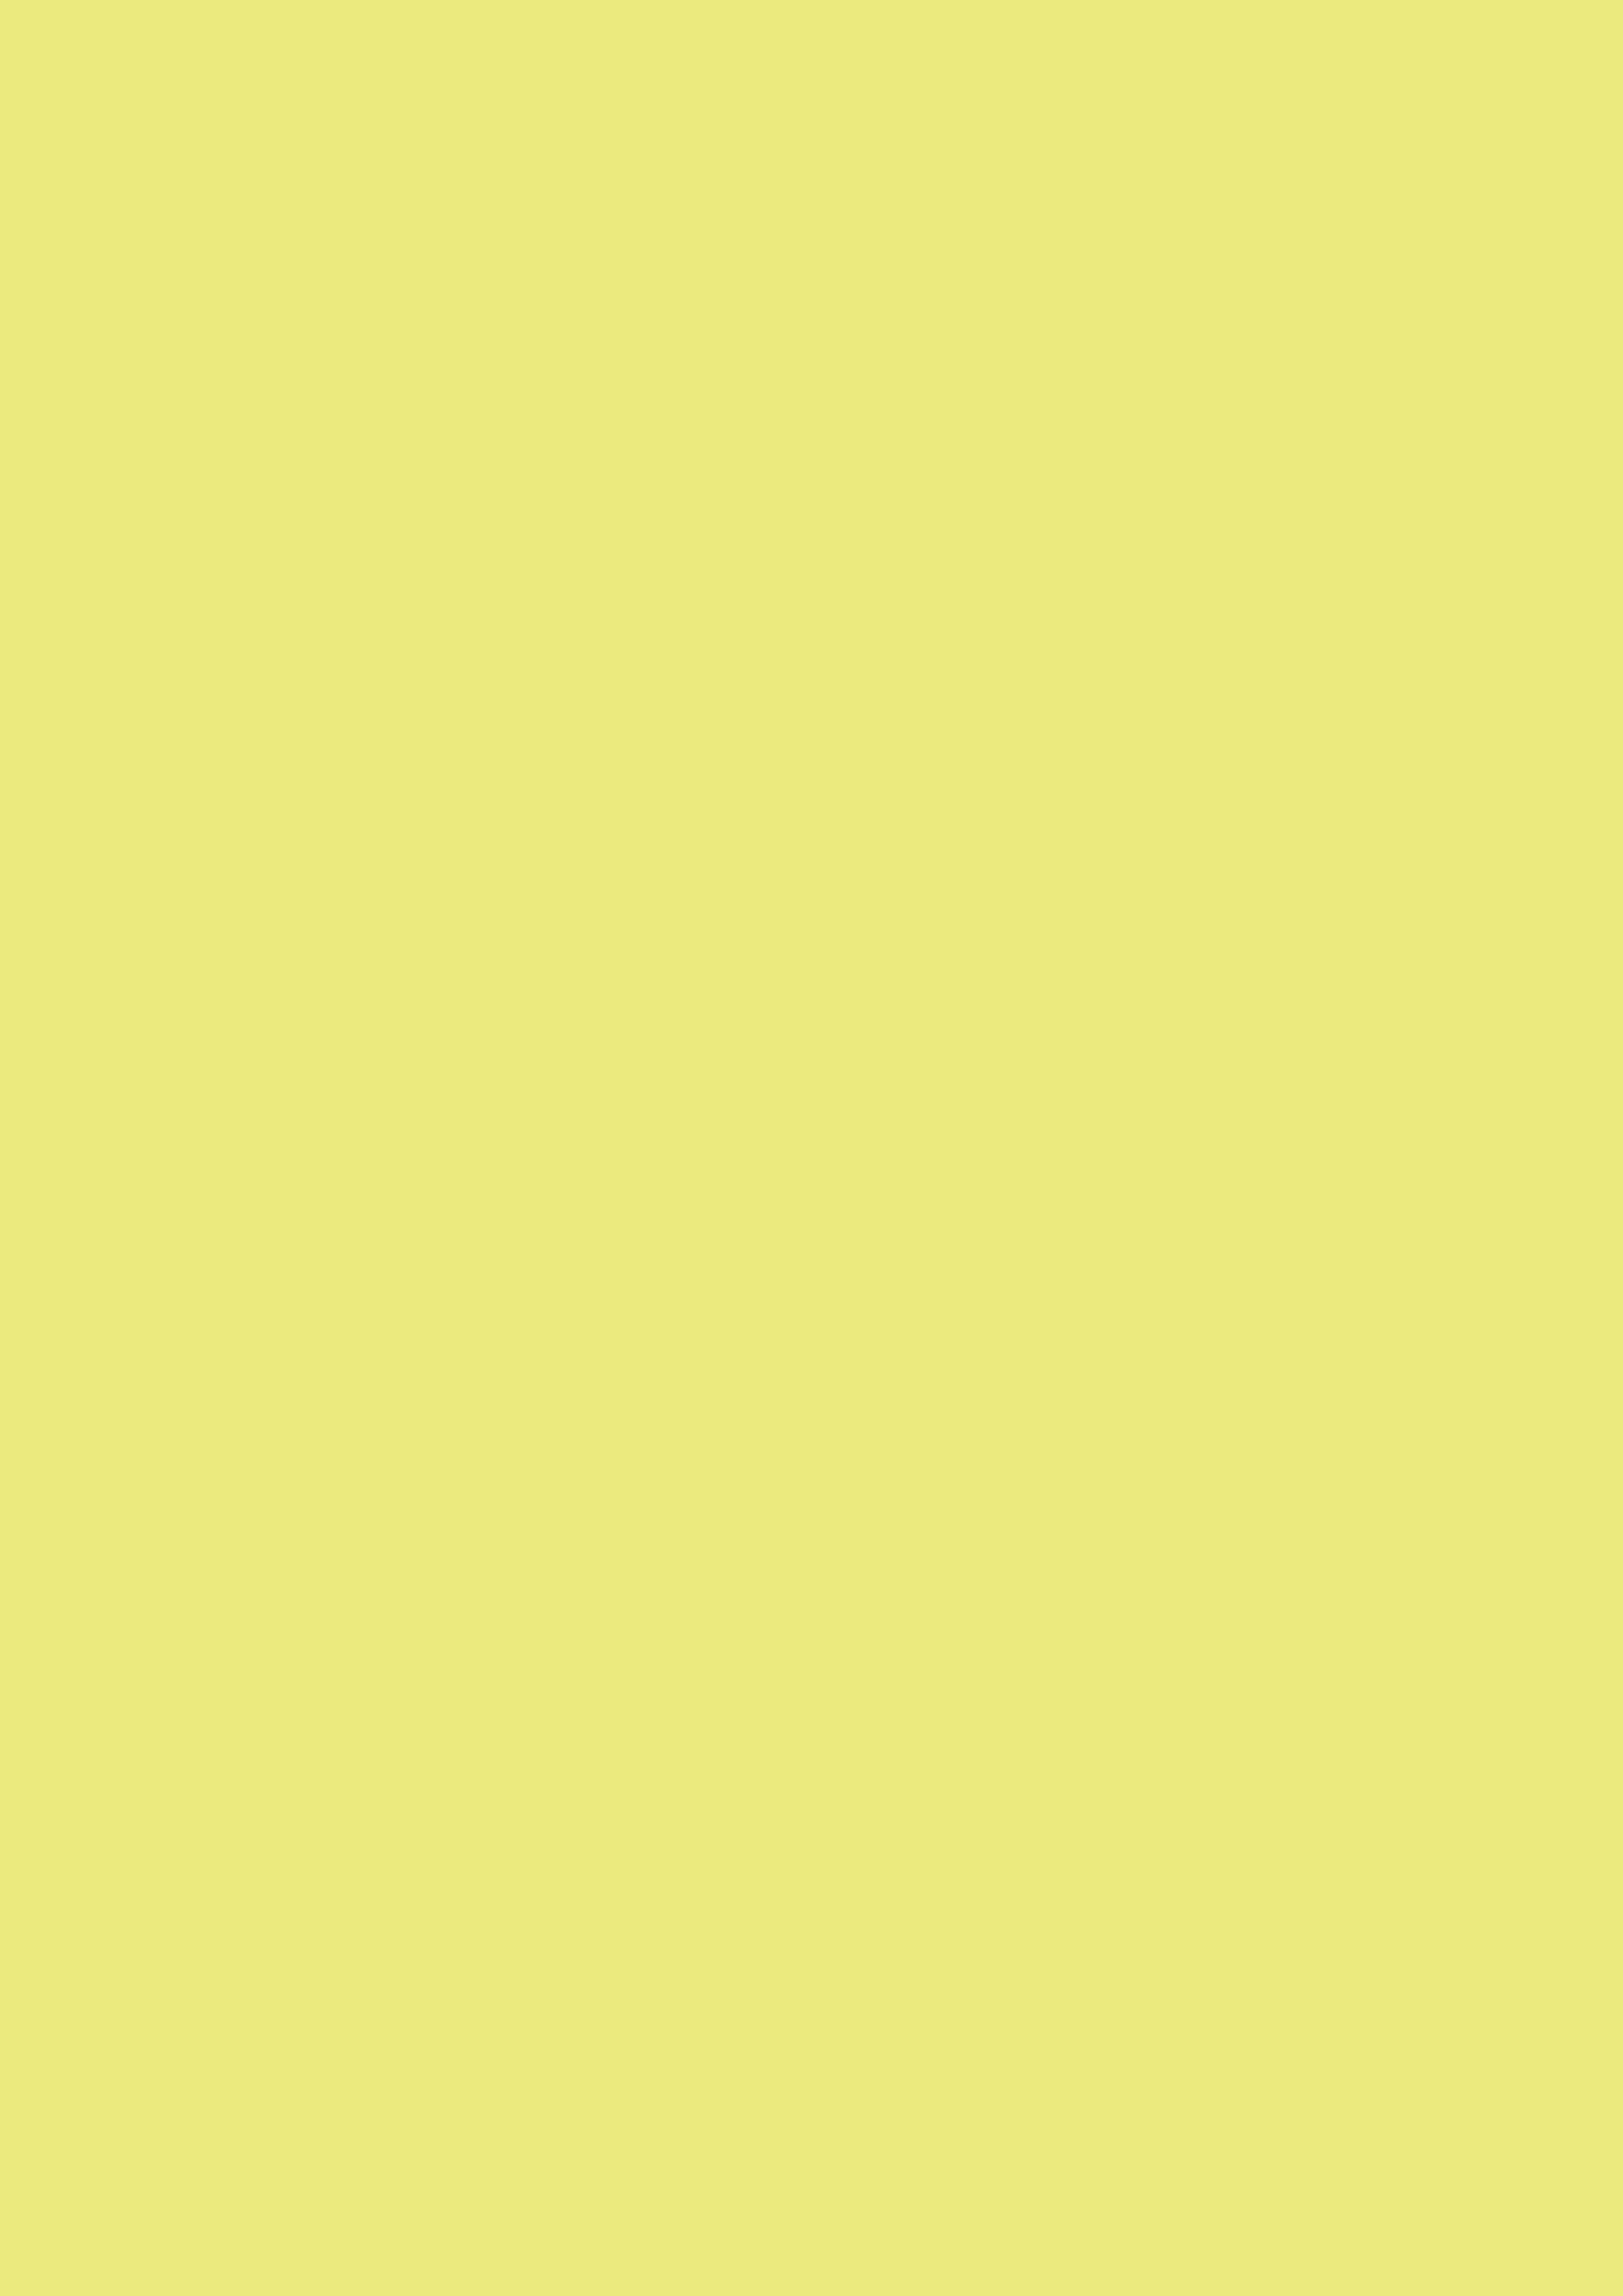 Yellowcake adler wohndesign for Wohndesign charlottenburg